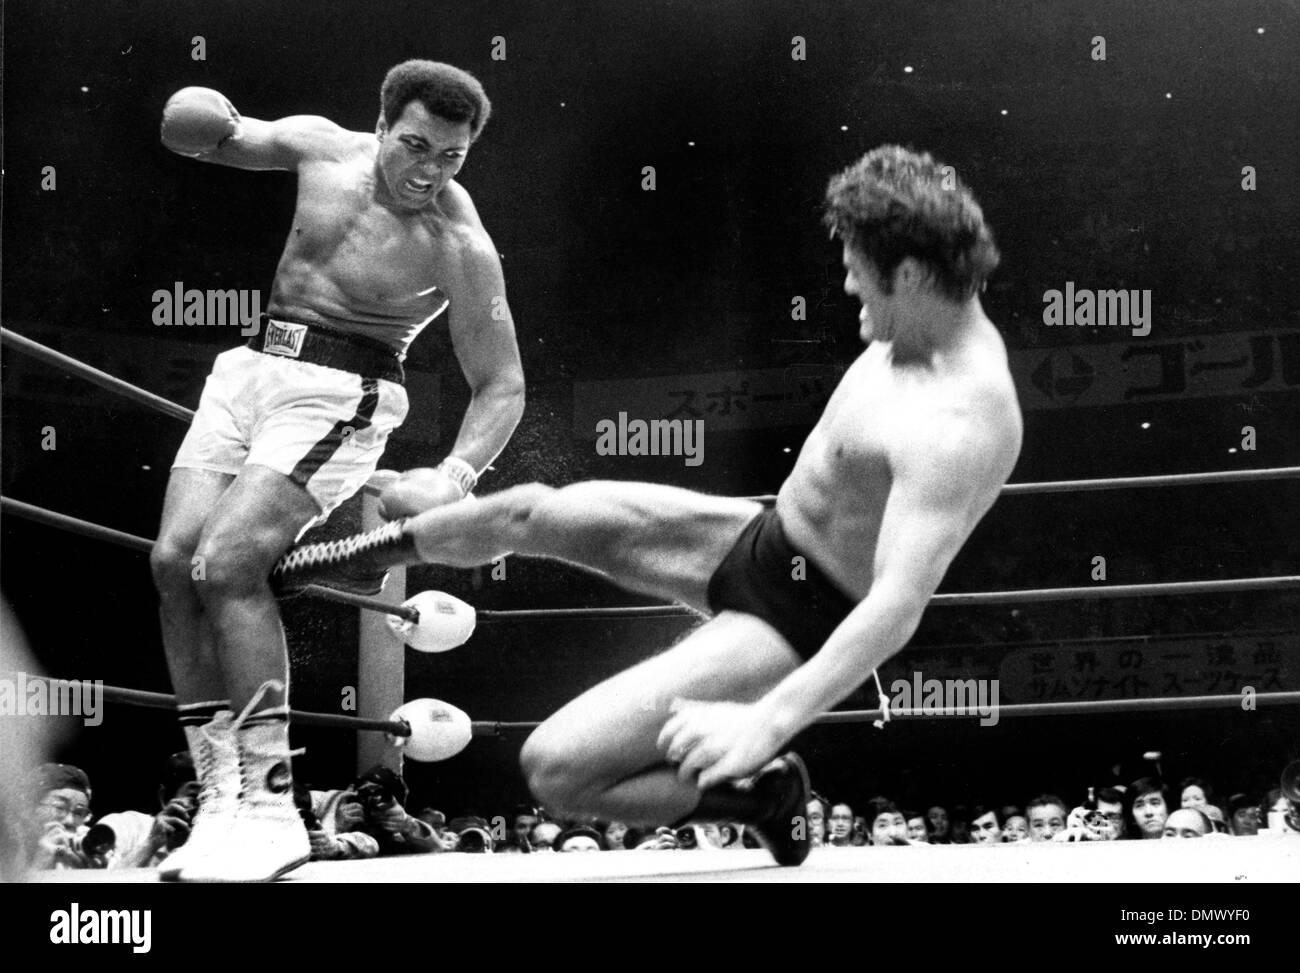 Abr. 11, 1956 - Tóquio, Japão - Muhammad Ali CASSIUS ou argila, como dominante heavyweight boxer de anos Imagens de Stock